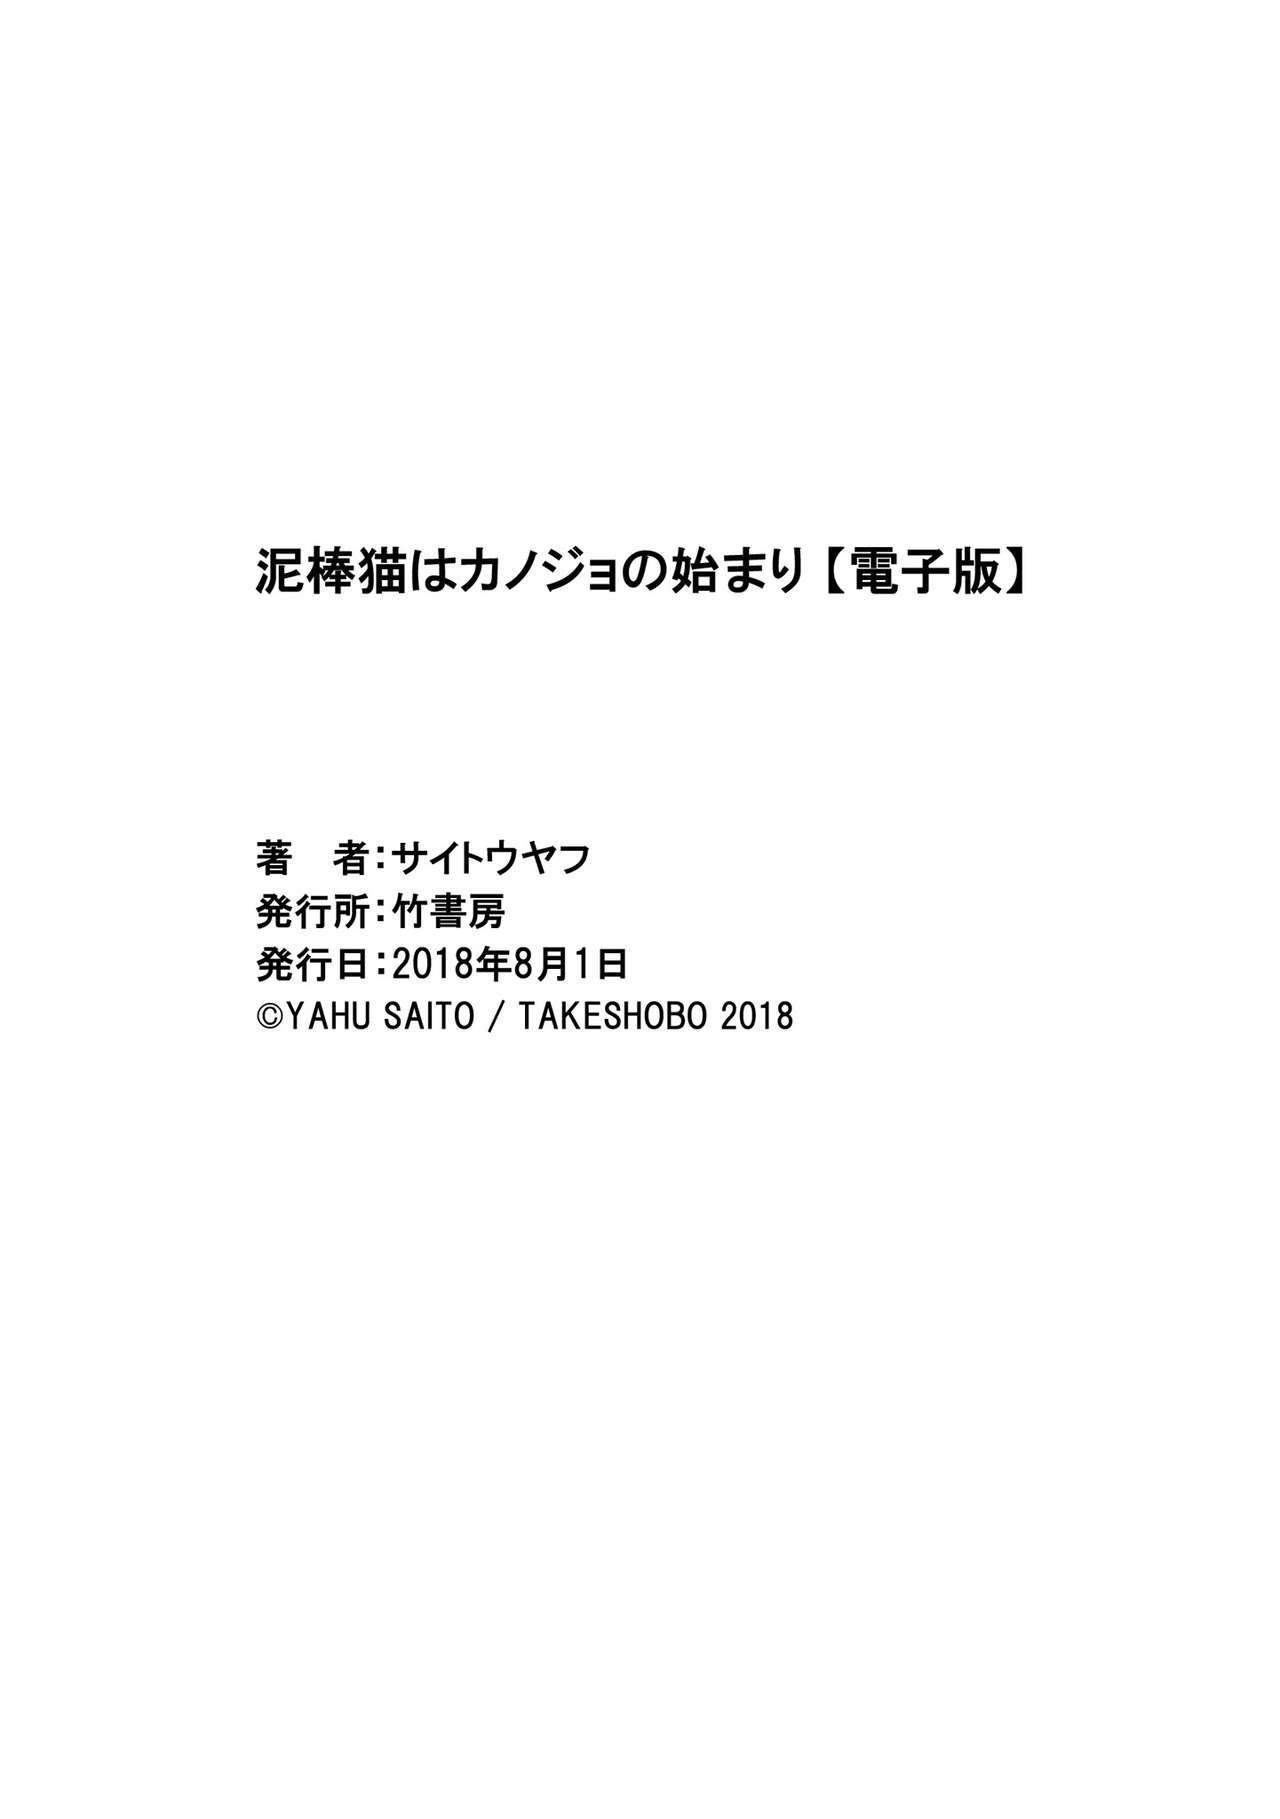 Dorobou Neko wa Kanojo no Hajimari 228